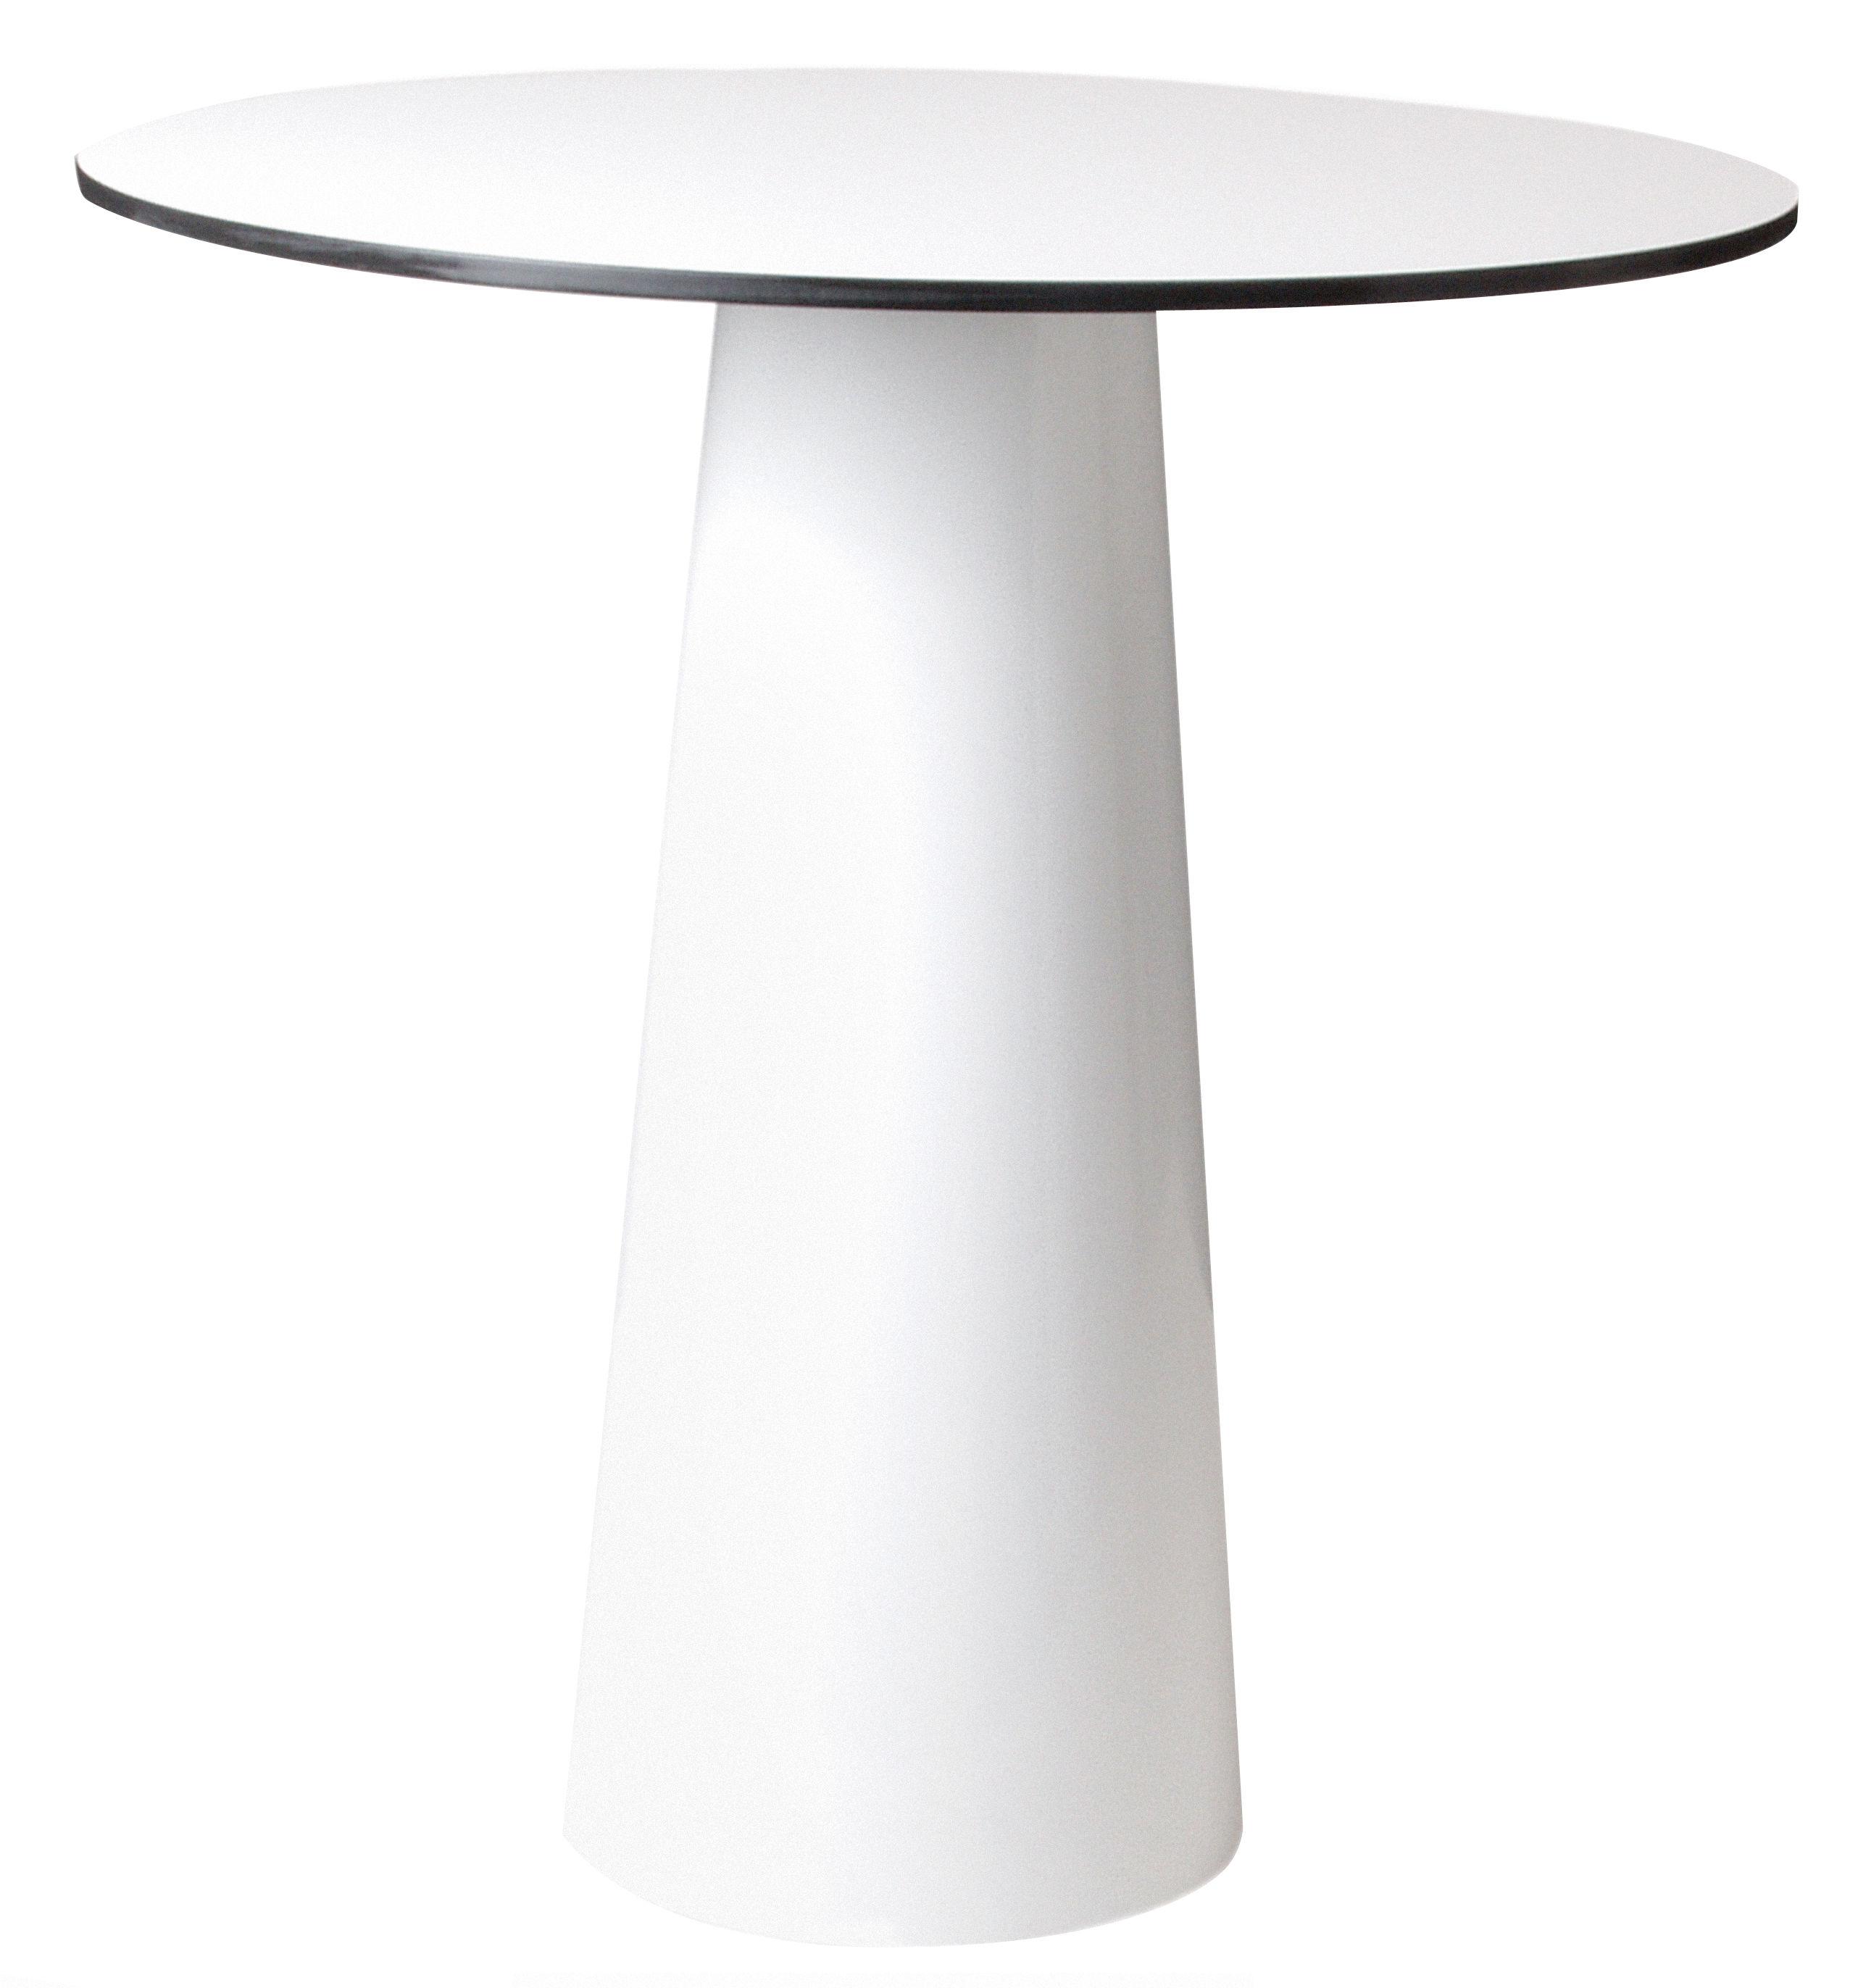 Outdoor - Tavoli  - Accessorio tavolo - Ø 70 cm di Moooi - Piano d'appoggio bianco - Ø 70 cm - HPL